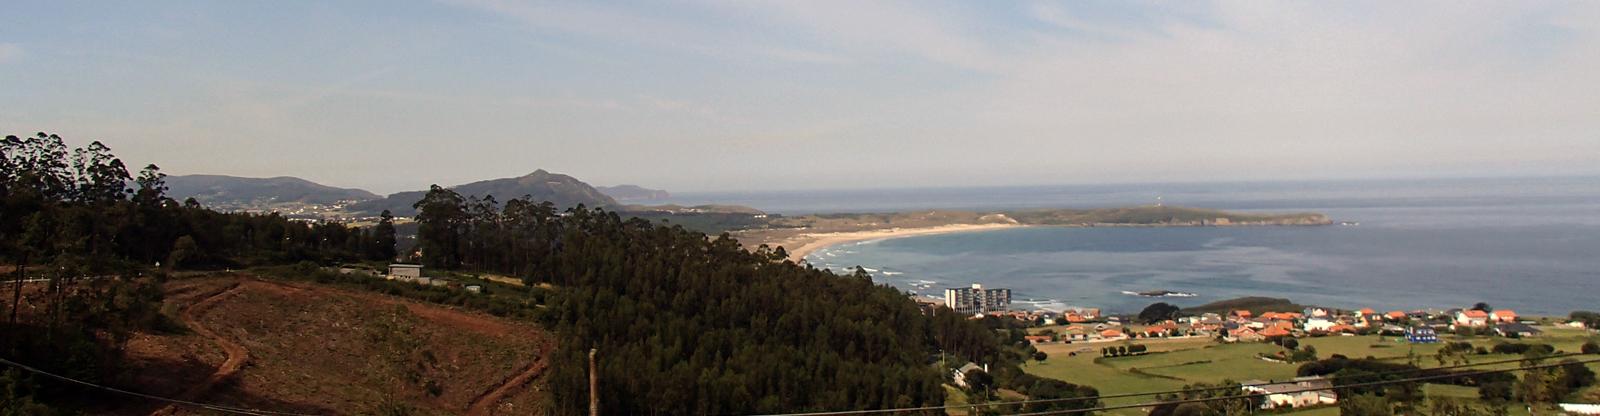 séjour kitesurf en galice